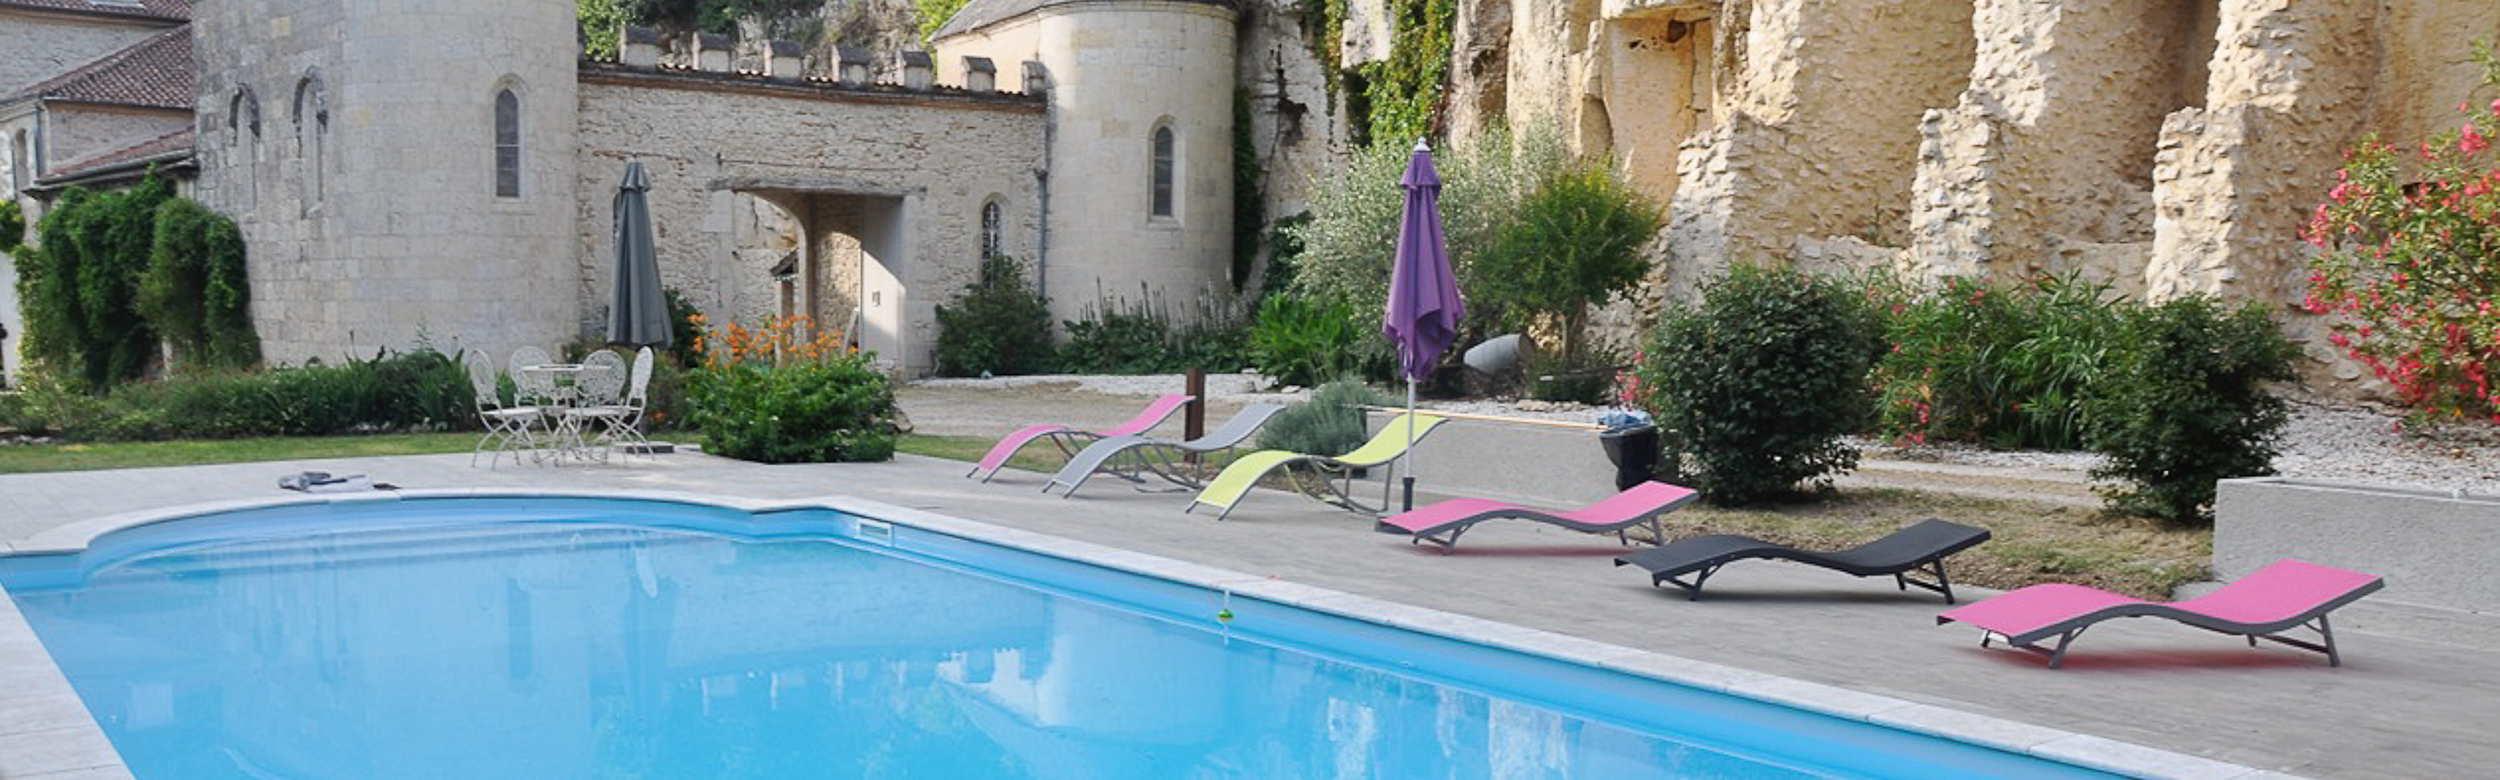 L'accès à la piscine chauffée est libre, inclus dans le prix de la location de nos chambres d'hôtes